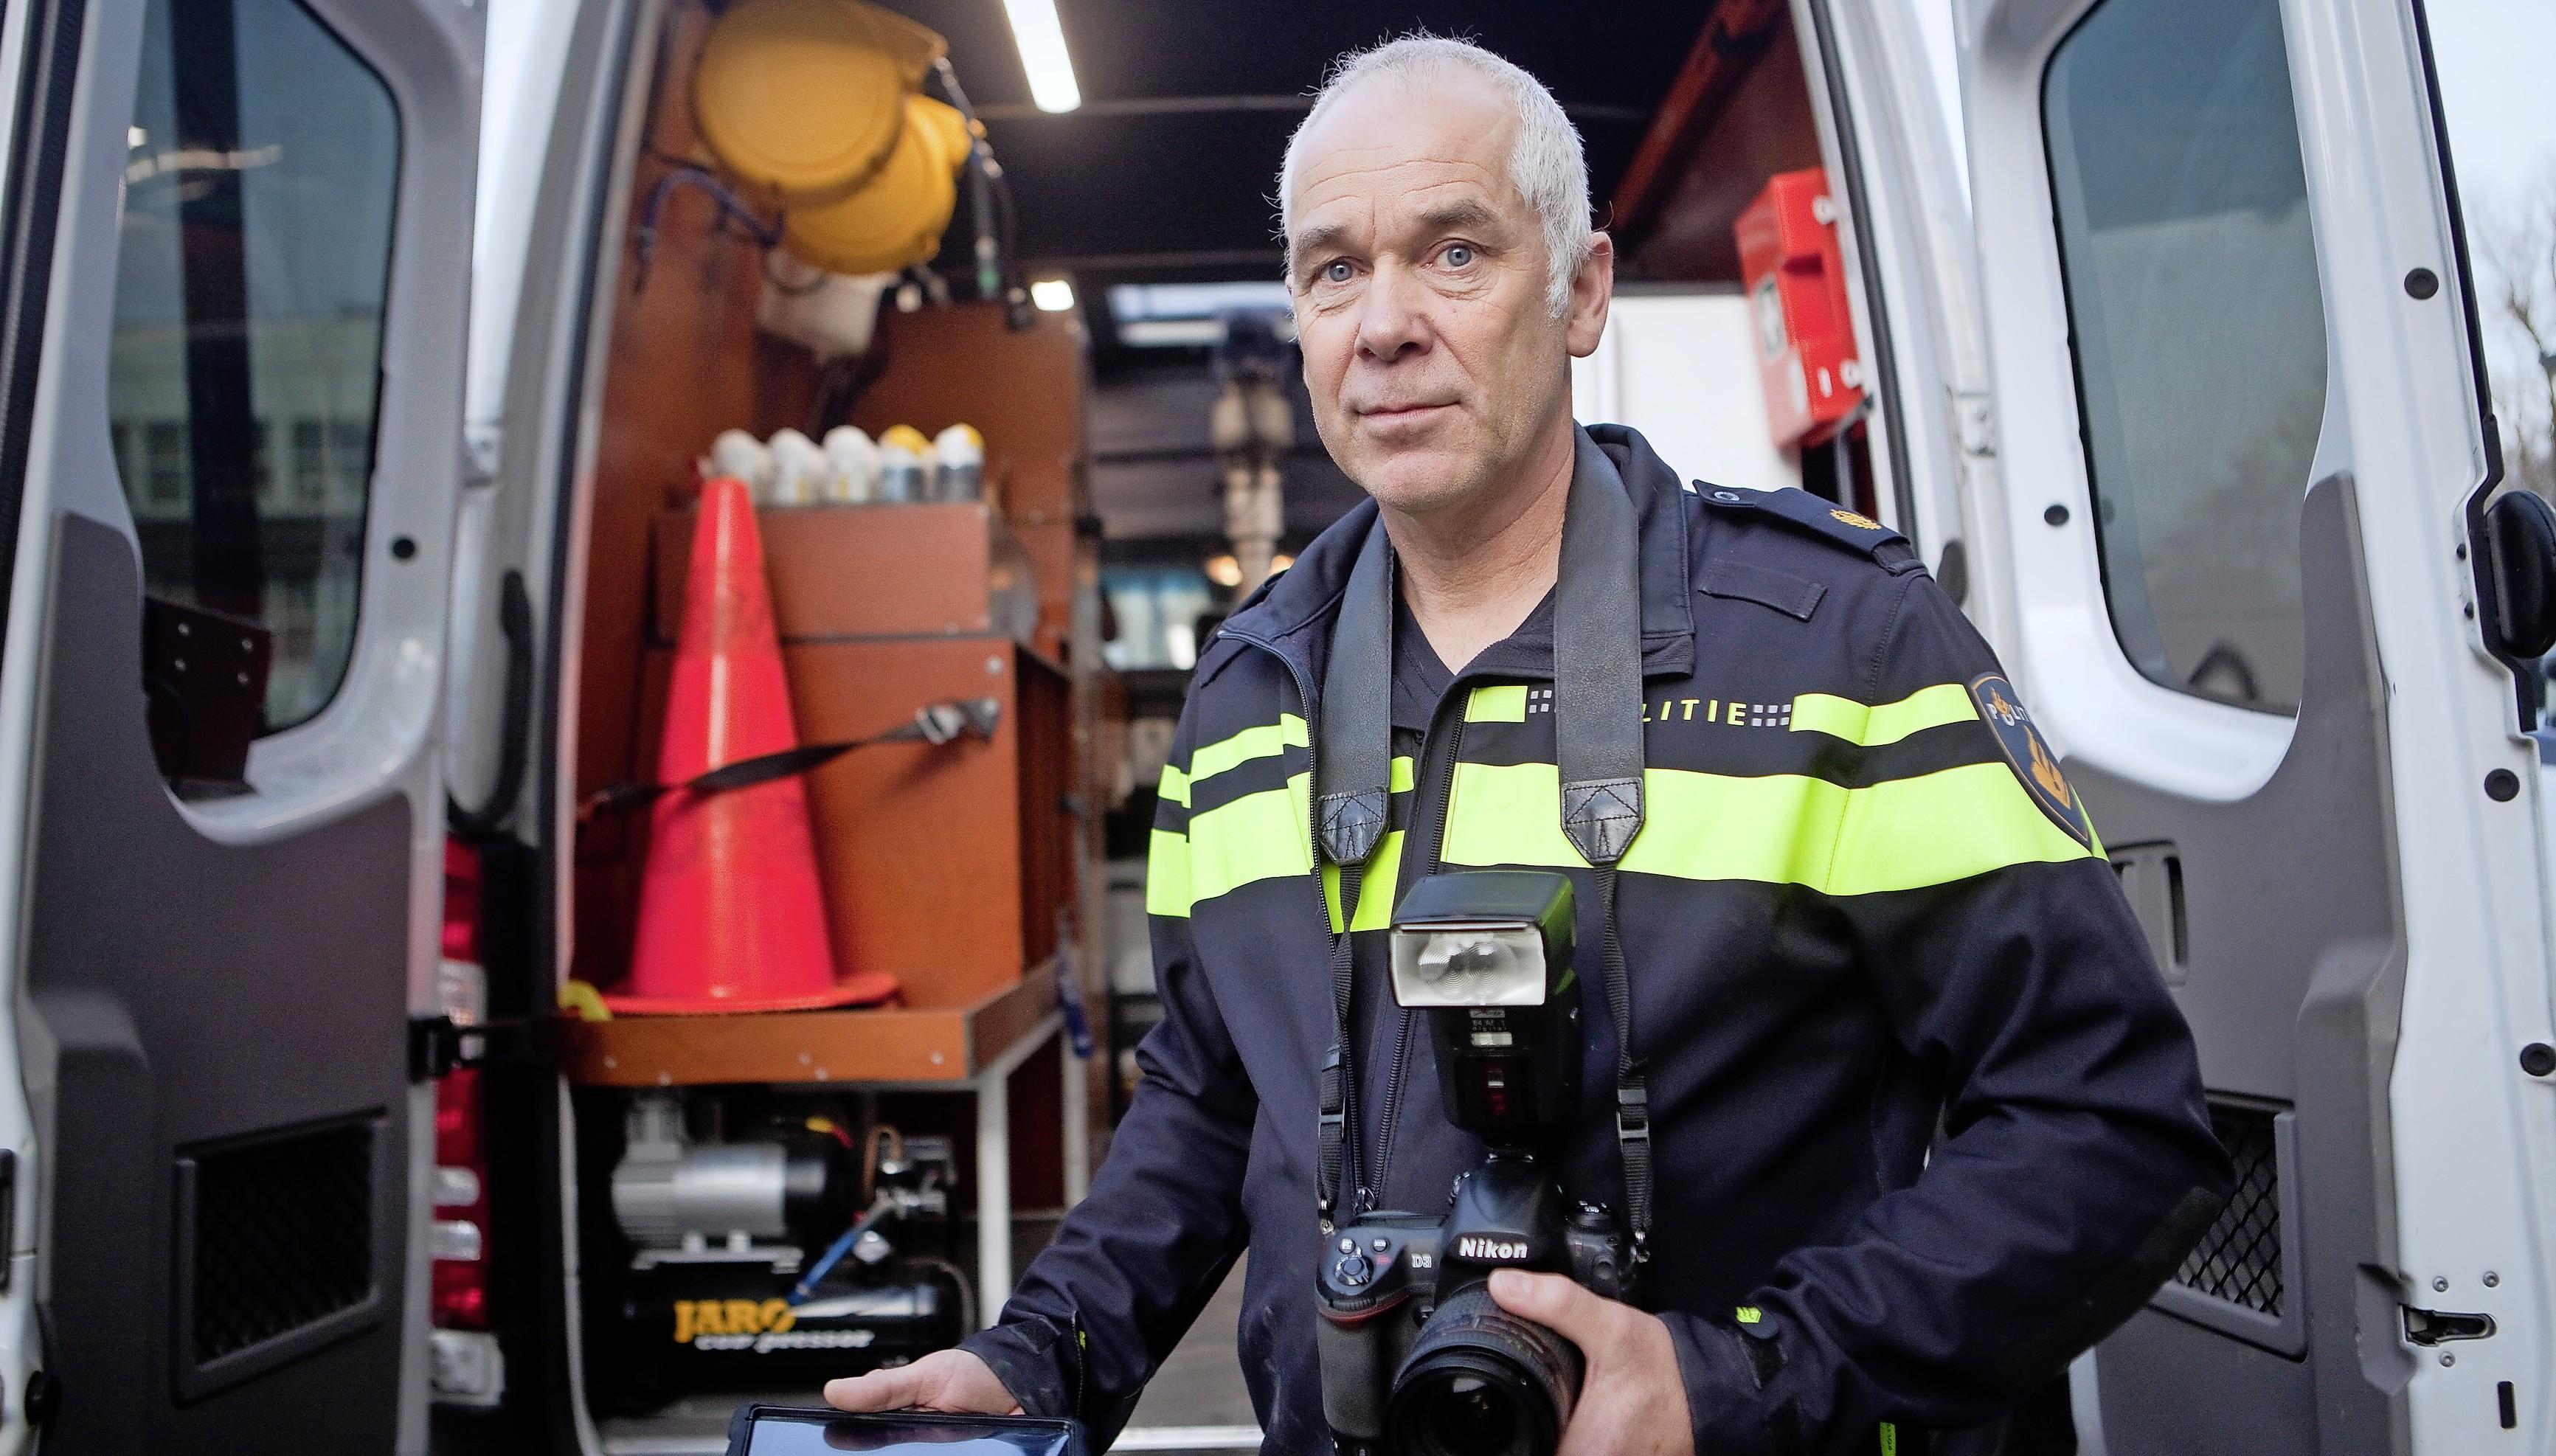 Santpoorter André Wijkhuizen vertelt over het veiligstellen van sporen na een verkeersongeval: 'Een remspoor kan een heel verhaal vertellen'